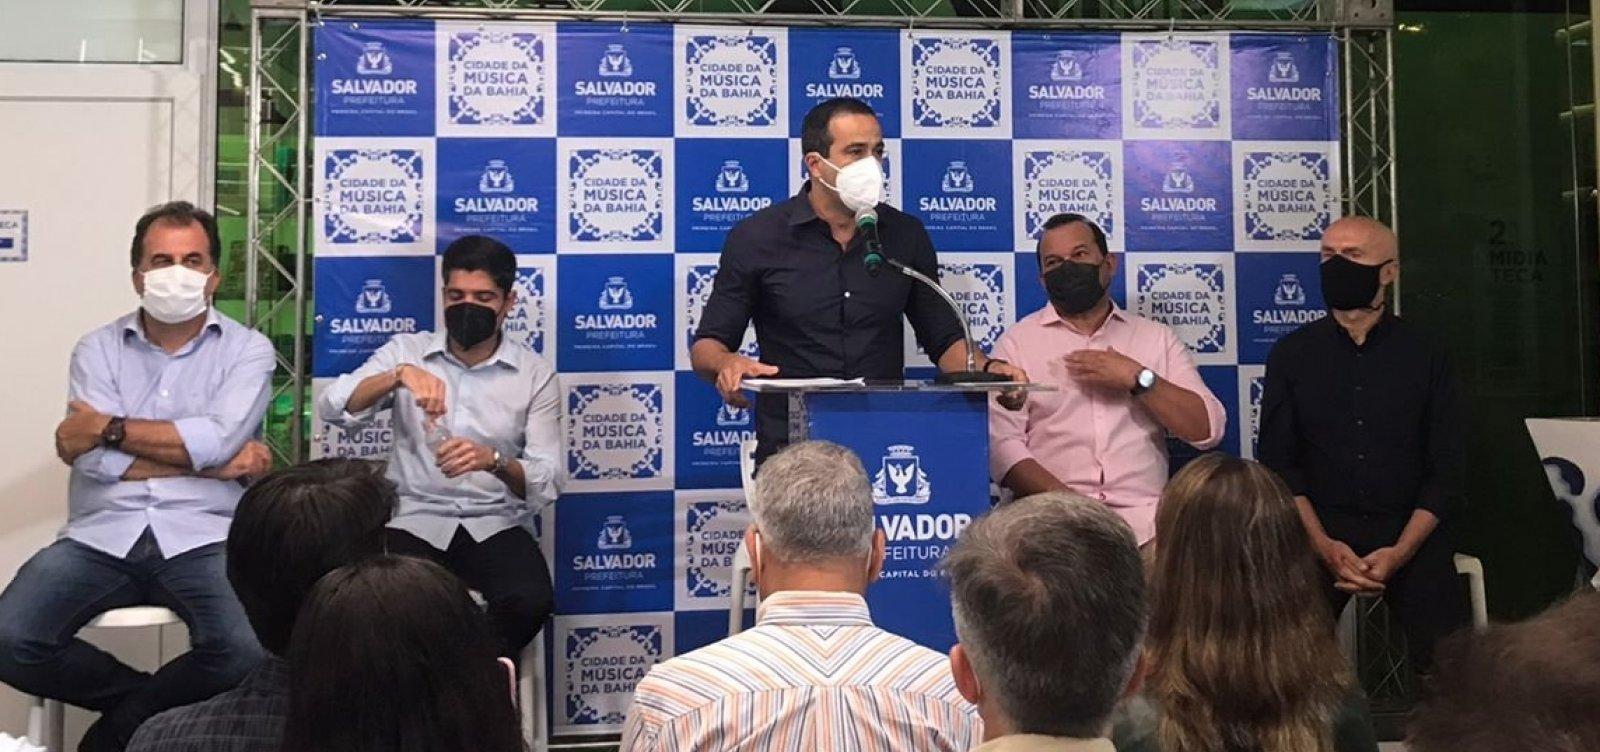 Bruno Reis diz que Salvador não precisa mais de evento-teste e critica aglomerações na cidade